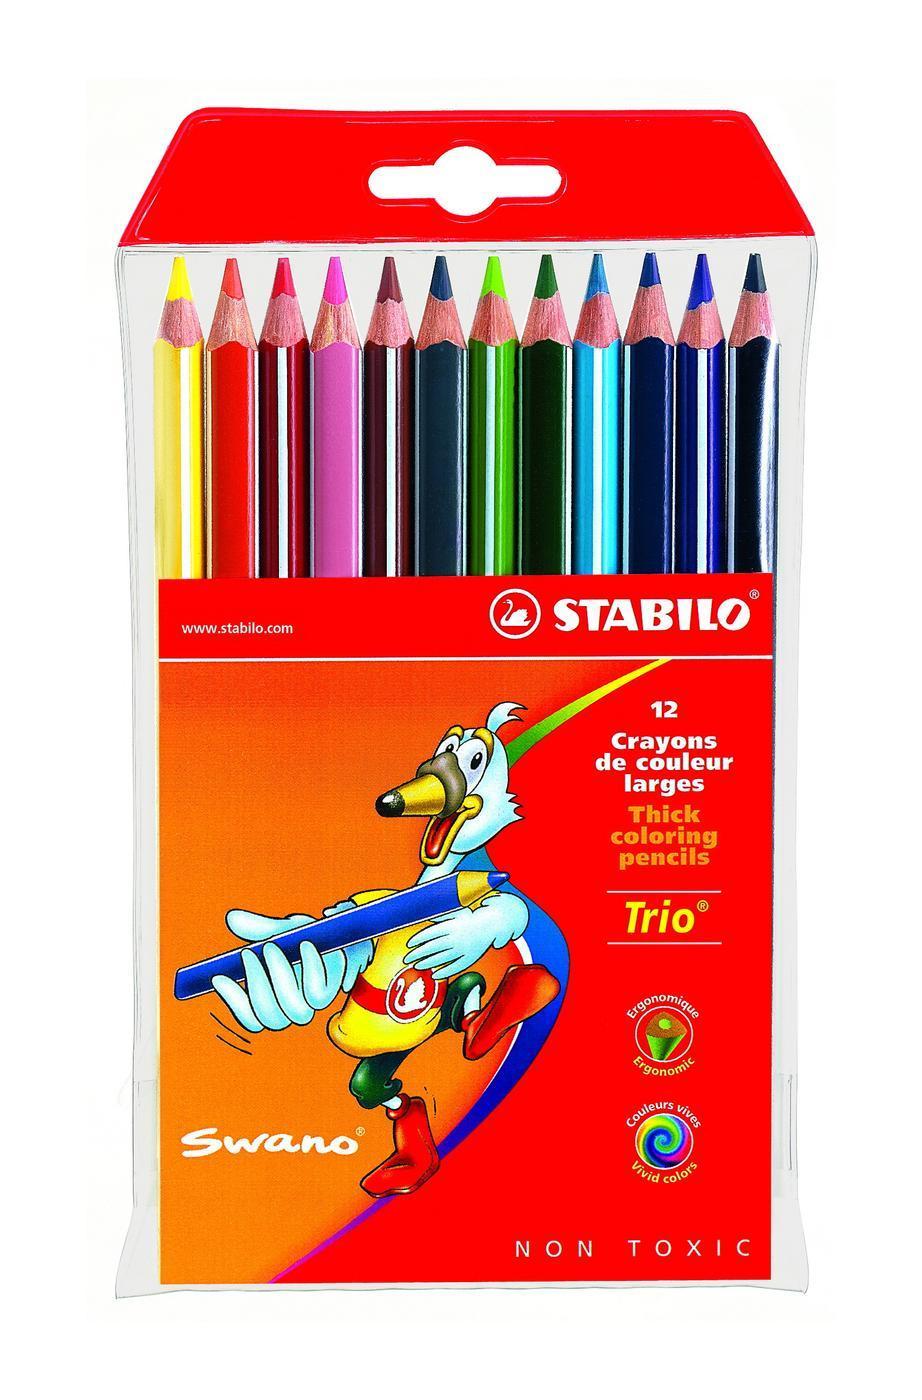 Набор цветных карандашей Stabilo Trio, 12 цветов72523WDСерия утолщенных трехгранных цветных карандашей Stabilo Trio. Трехгранная форма карандаша предотвращает усталость детской руки при рисовании и позволяет привить ребенку навык правильно держать пишущий инструмент. Подходят для правшей и для левшей. Утолщенный грифель, особо устойчивый к поломкам. В состав грифелей входит пчелиный воск, благодаря чему карандаши легко рисуют на бумаге, не царапая ее и не крошась.